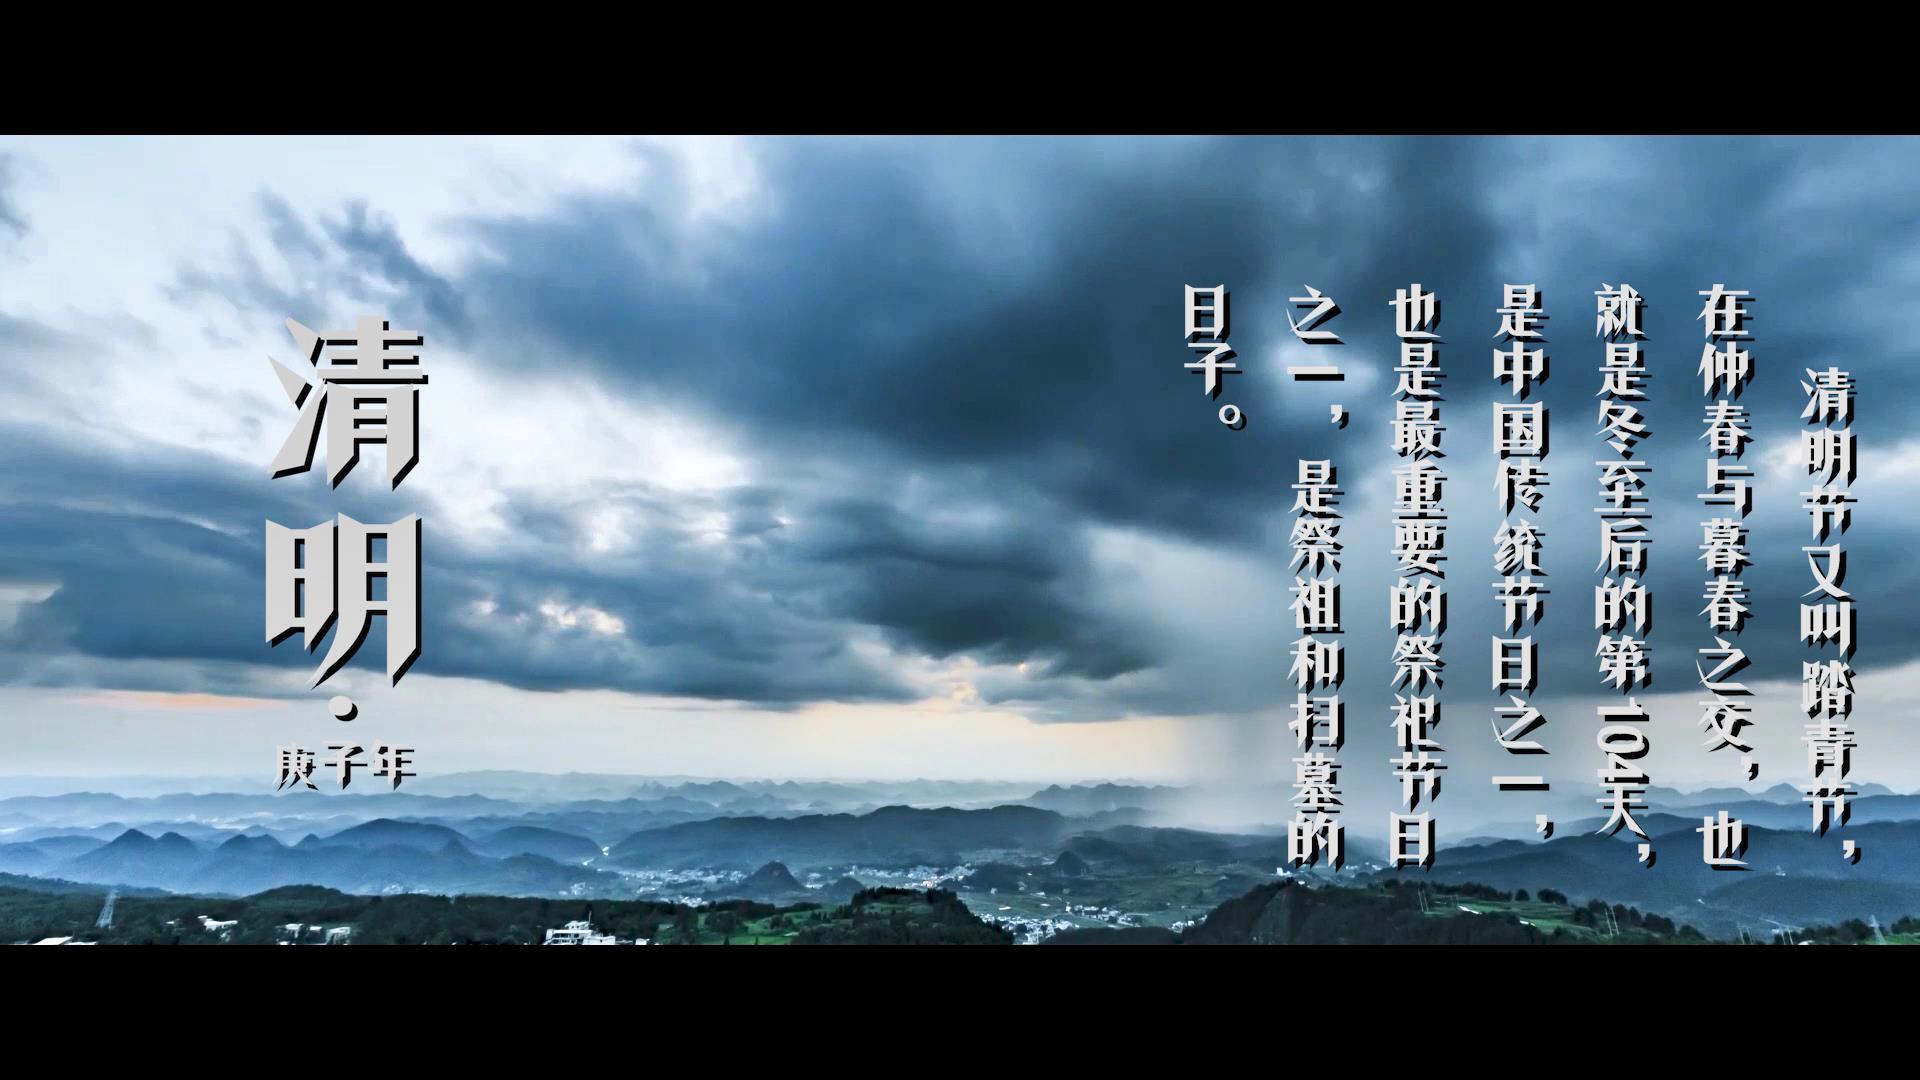 【鄂尔多斯大奖实践在行动】微视频 平安清[00_00_04][20200403-185708].jpg